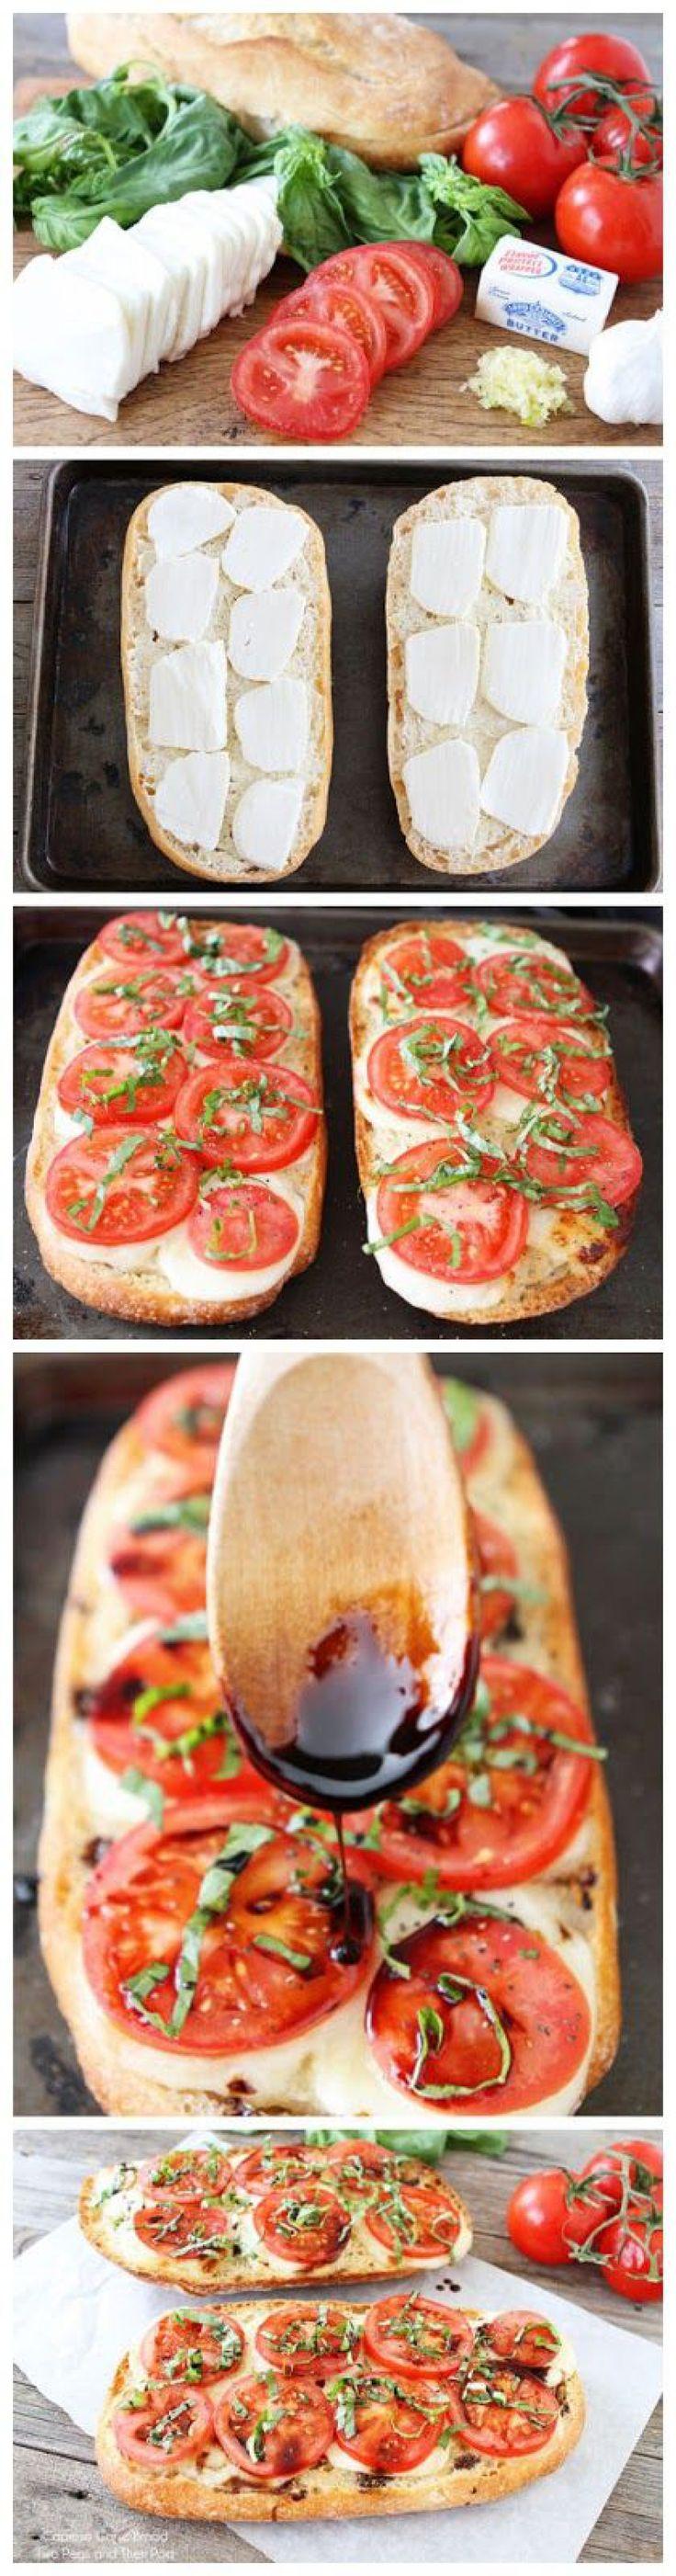 Das muss ich unbedingt ausprobieren. Das beste Knoblauch Brot ever! Erst Knoblauch Butter selber machen und auf das Ciabatta Brot schmieren. Dann Mozzarella drauf legen und das Brot backen bis es god  (Grilled Pizza Recipes)